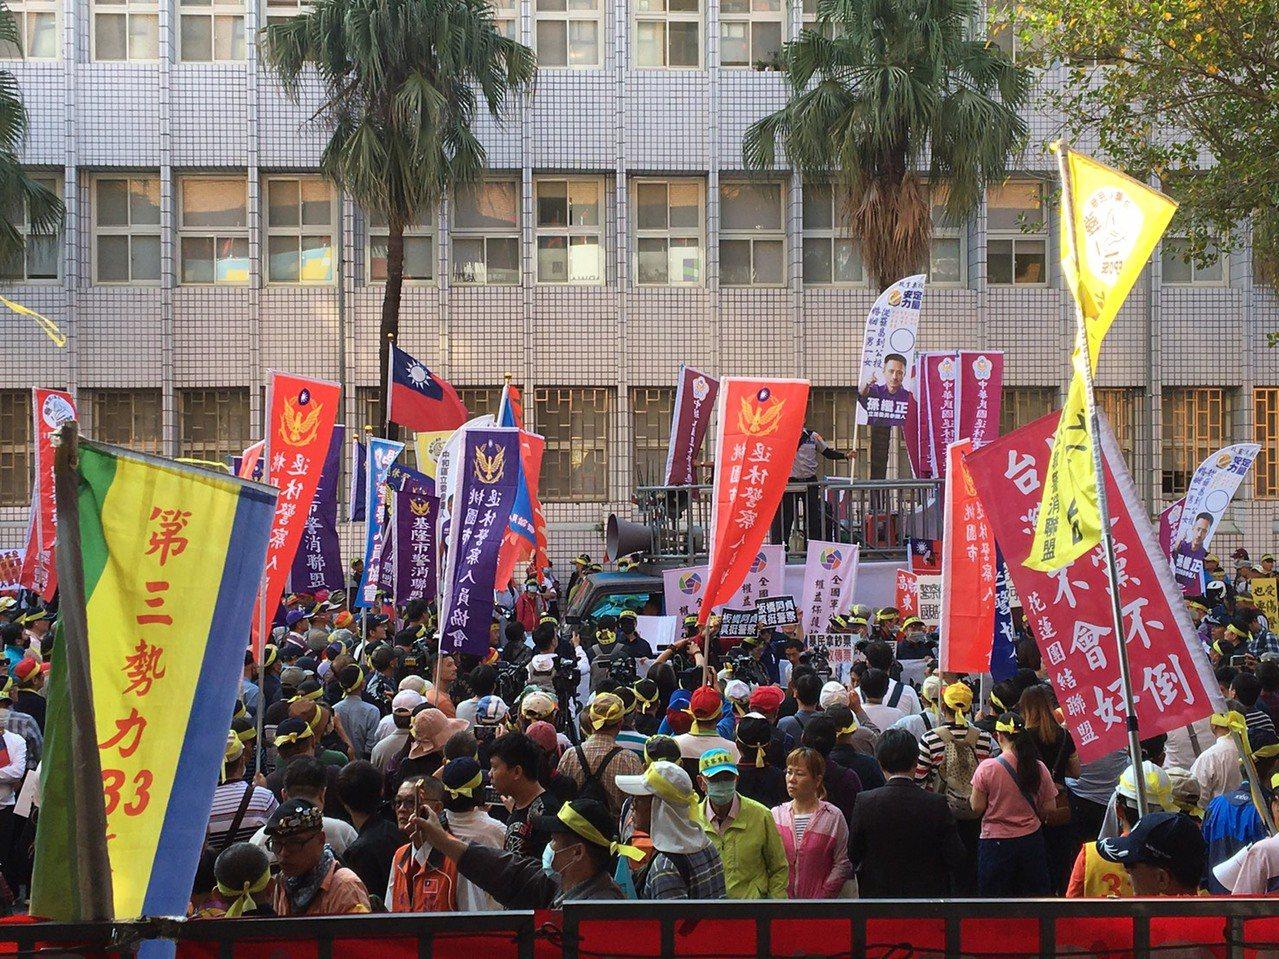 退警協會今天號召群眾集結台北地院抗議。記者林孟潔/攝影